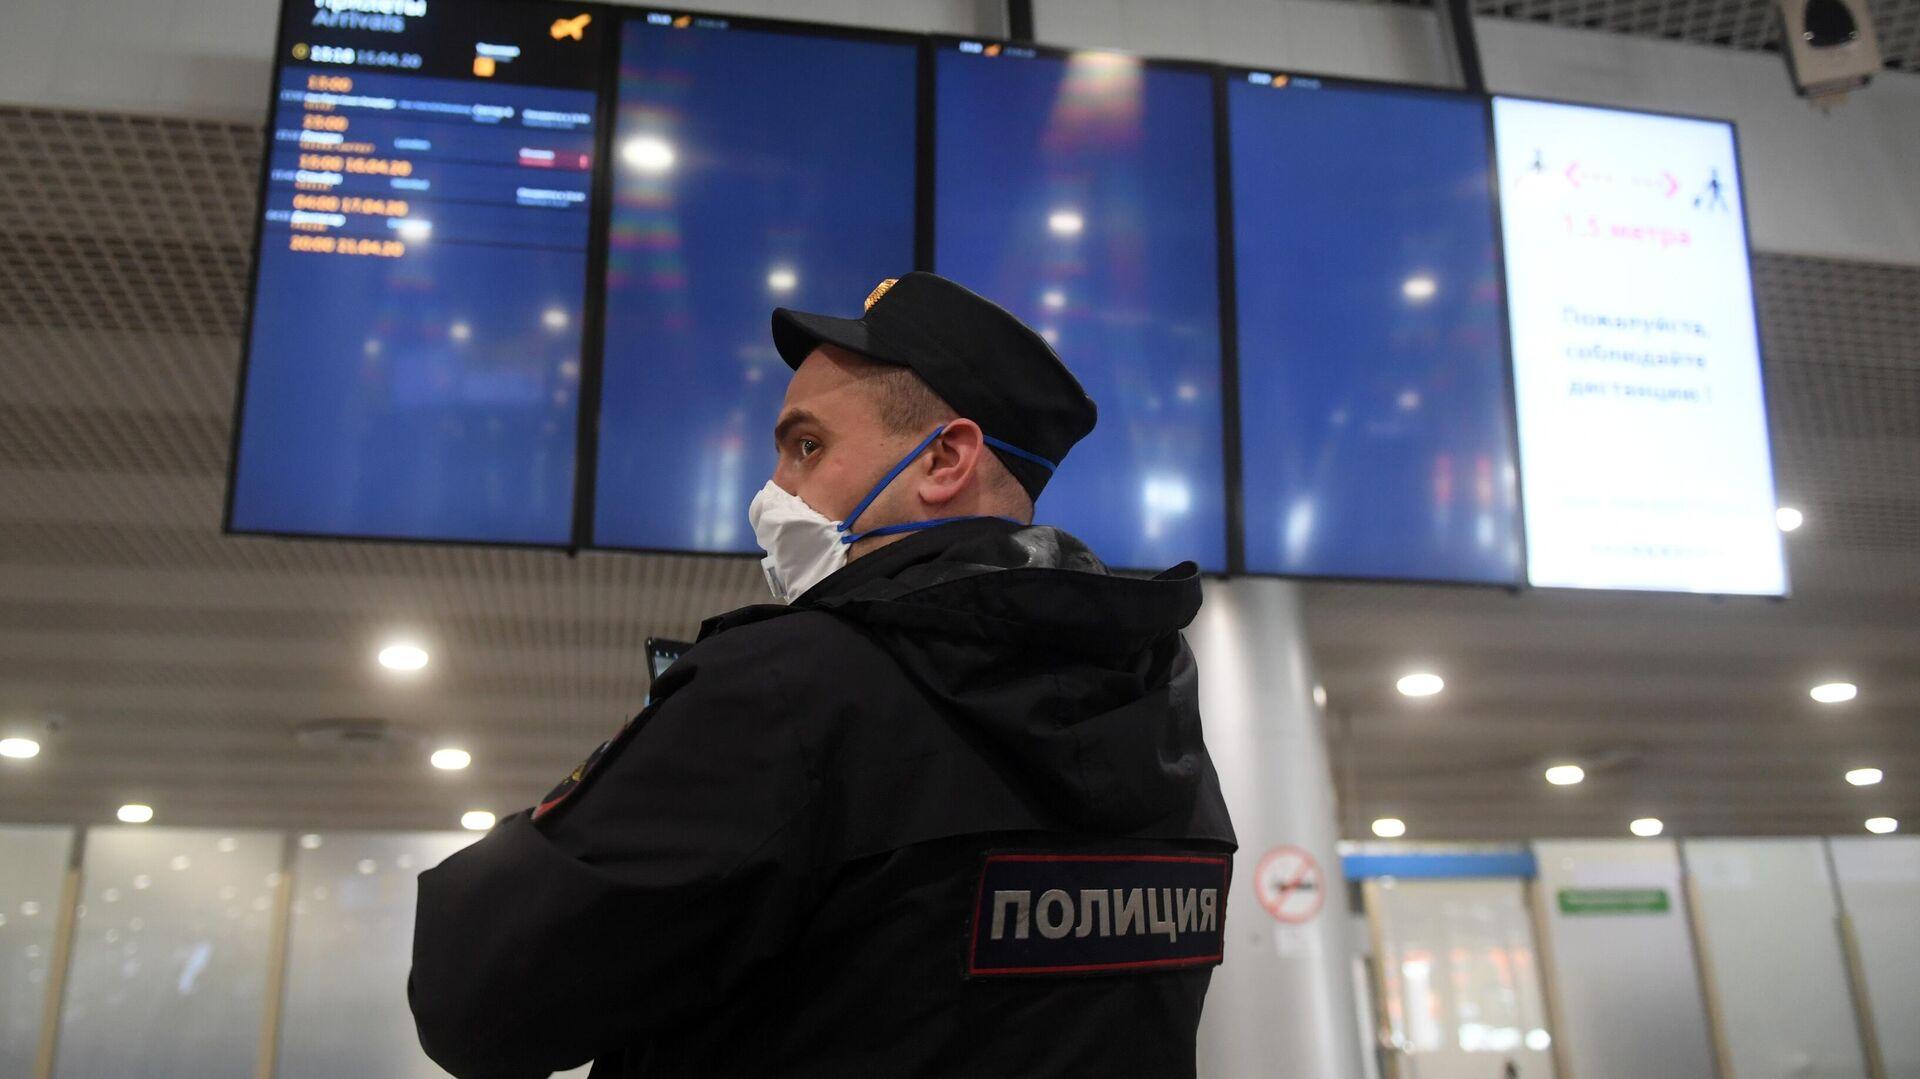 Сотрудник полиции в Международном аэропорту Шереметьево в Москве - РИА Новости, 1920, 04.05.2021